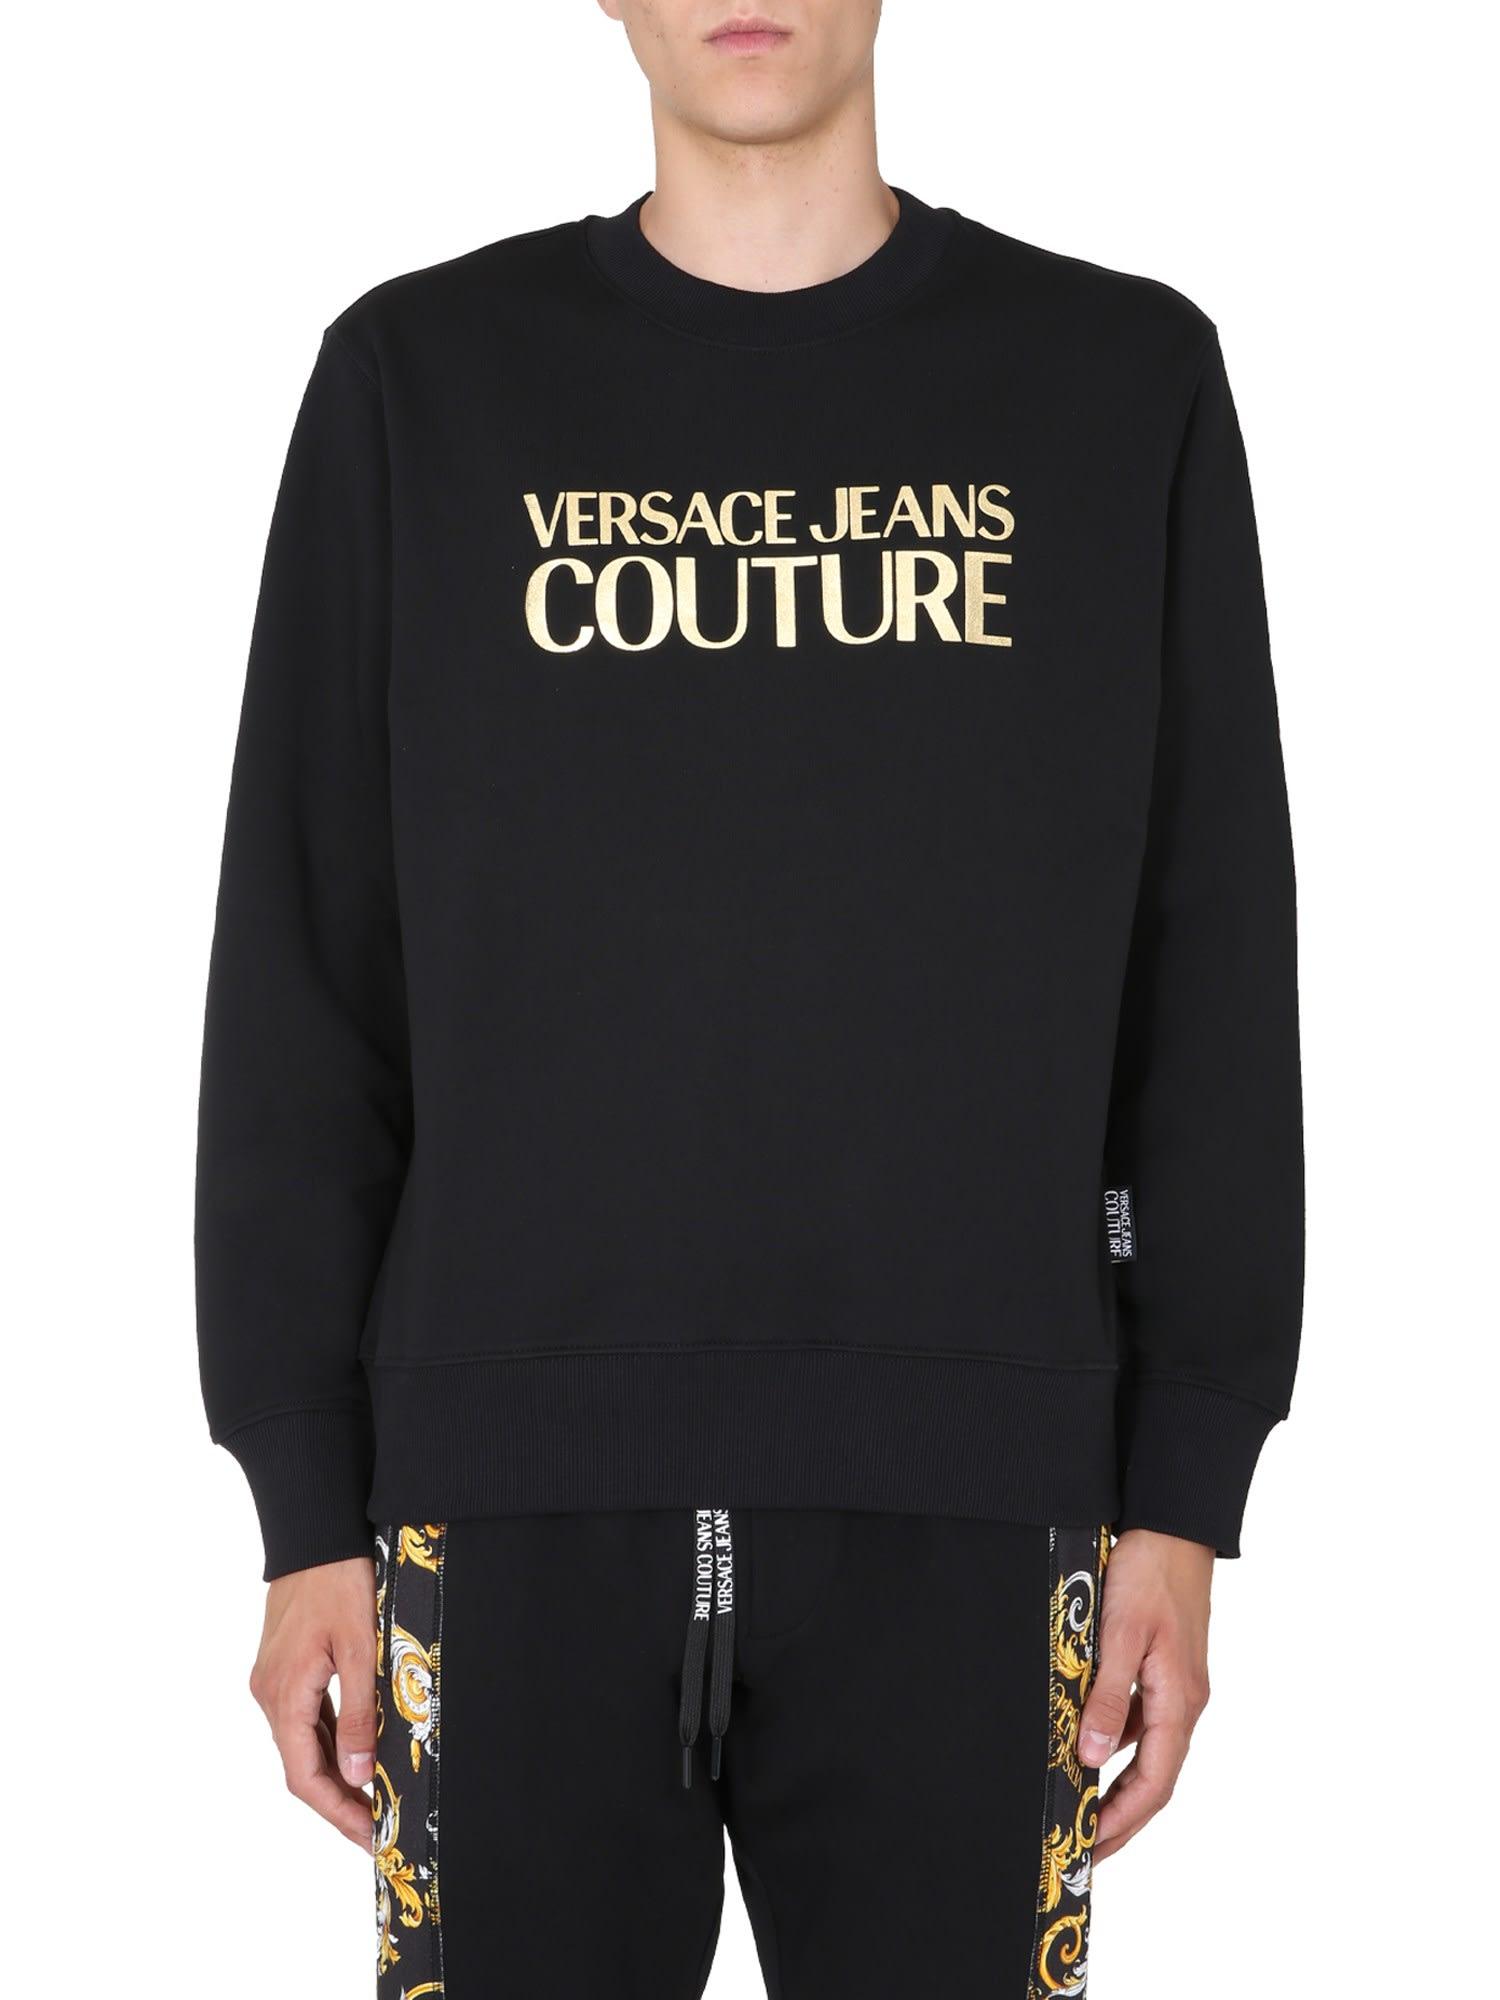 Versace Jeans Couture CREW NECK SWEATSHIRT